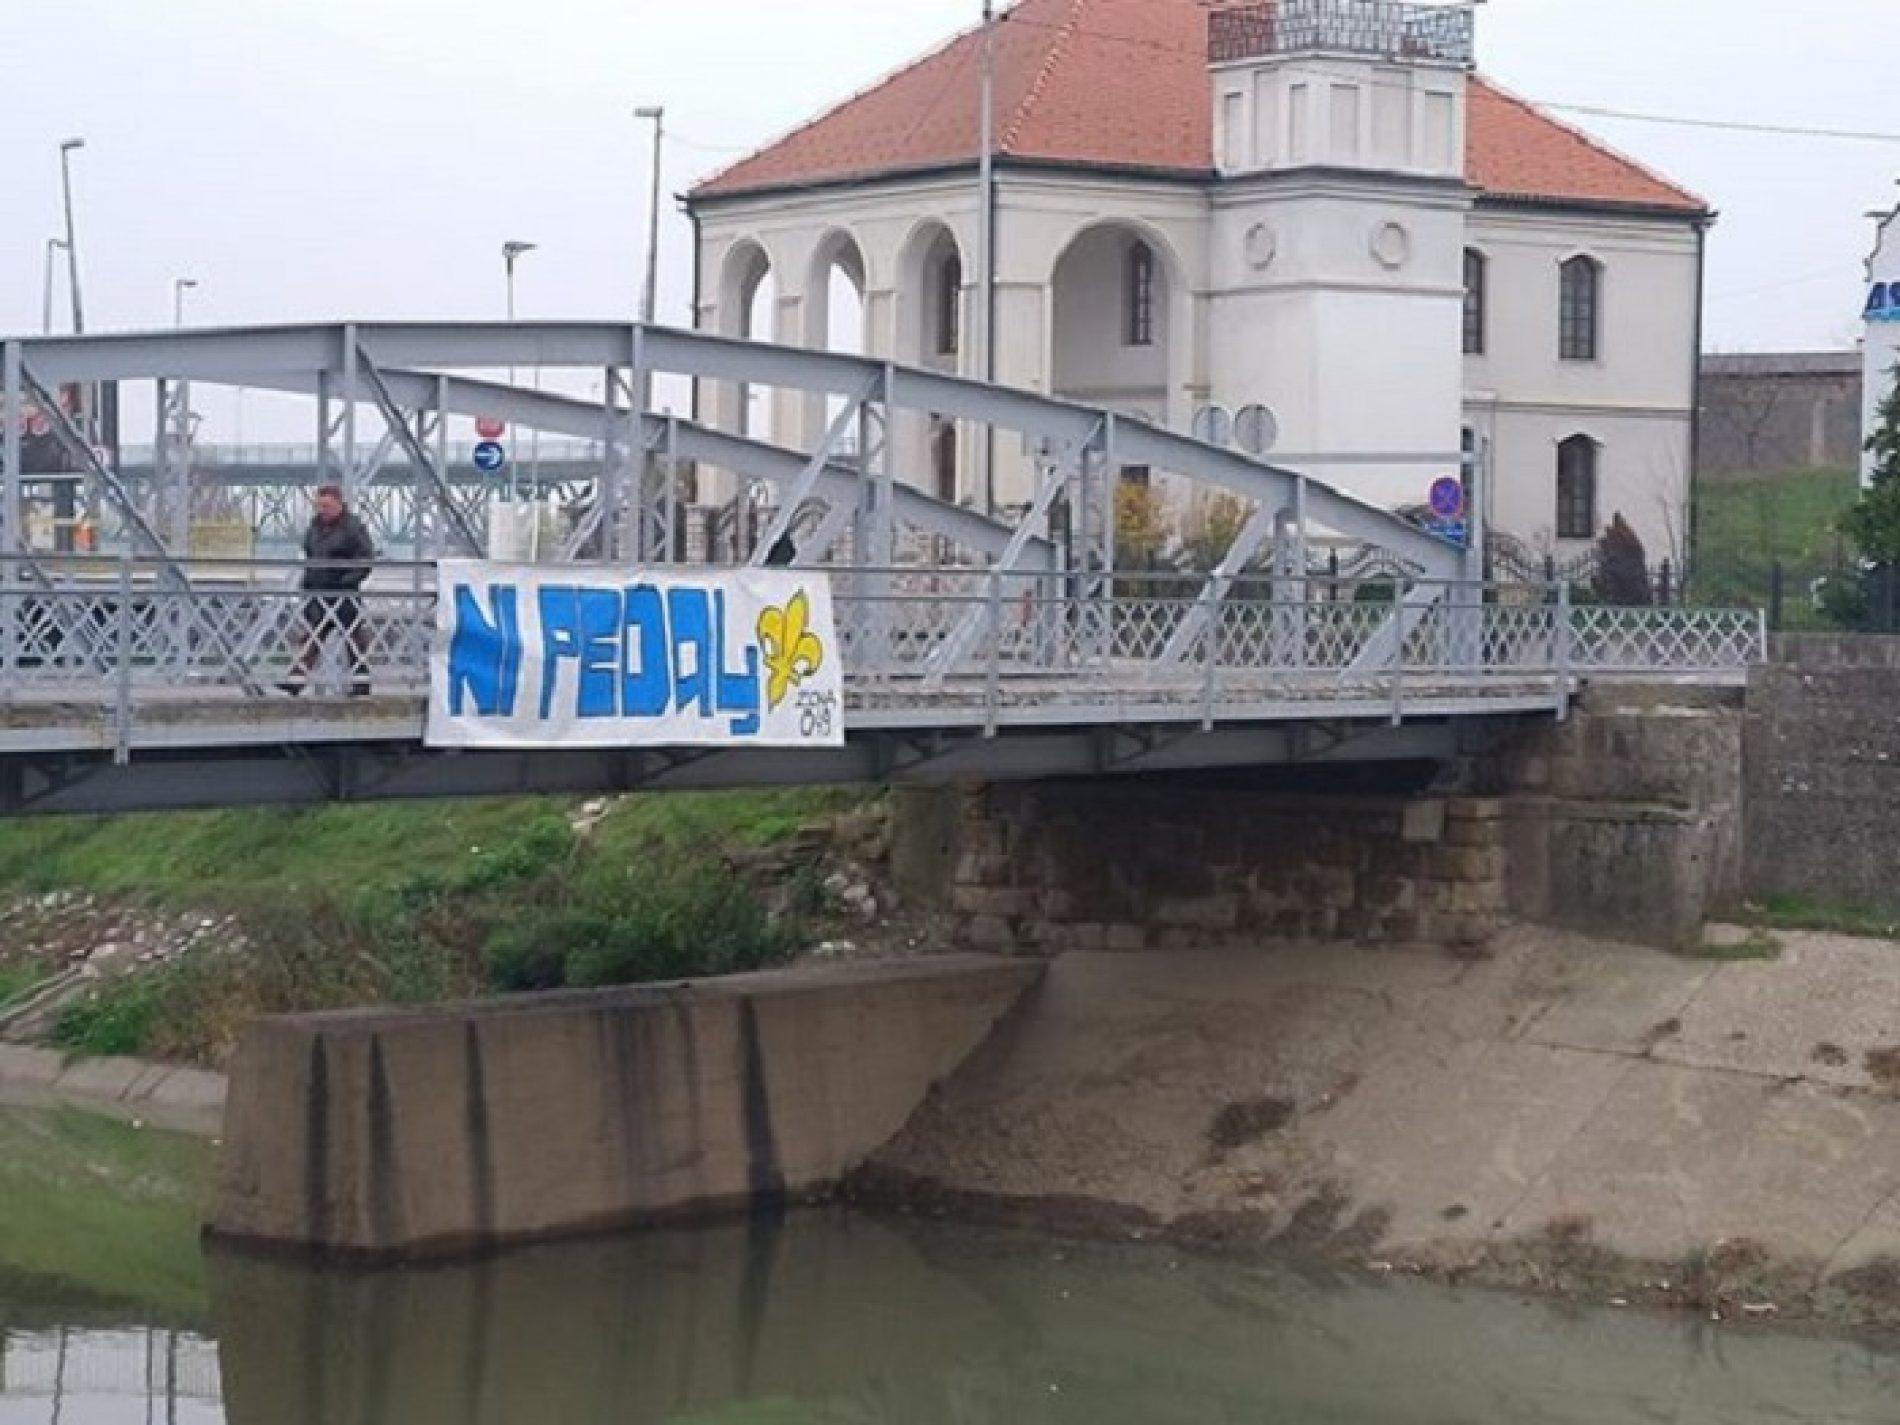 Dodik bi pola Bosne, ali kao hediju: Poziva međunarodnu zajednicu da 'zabrani svima upotrebu bilo kakvih oružanih manifestacija'